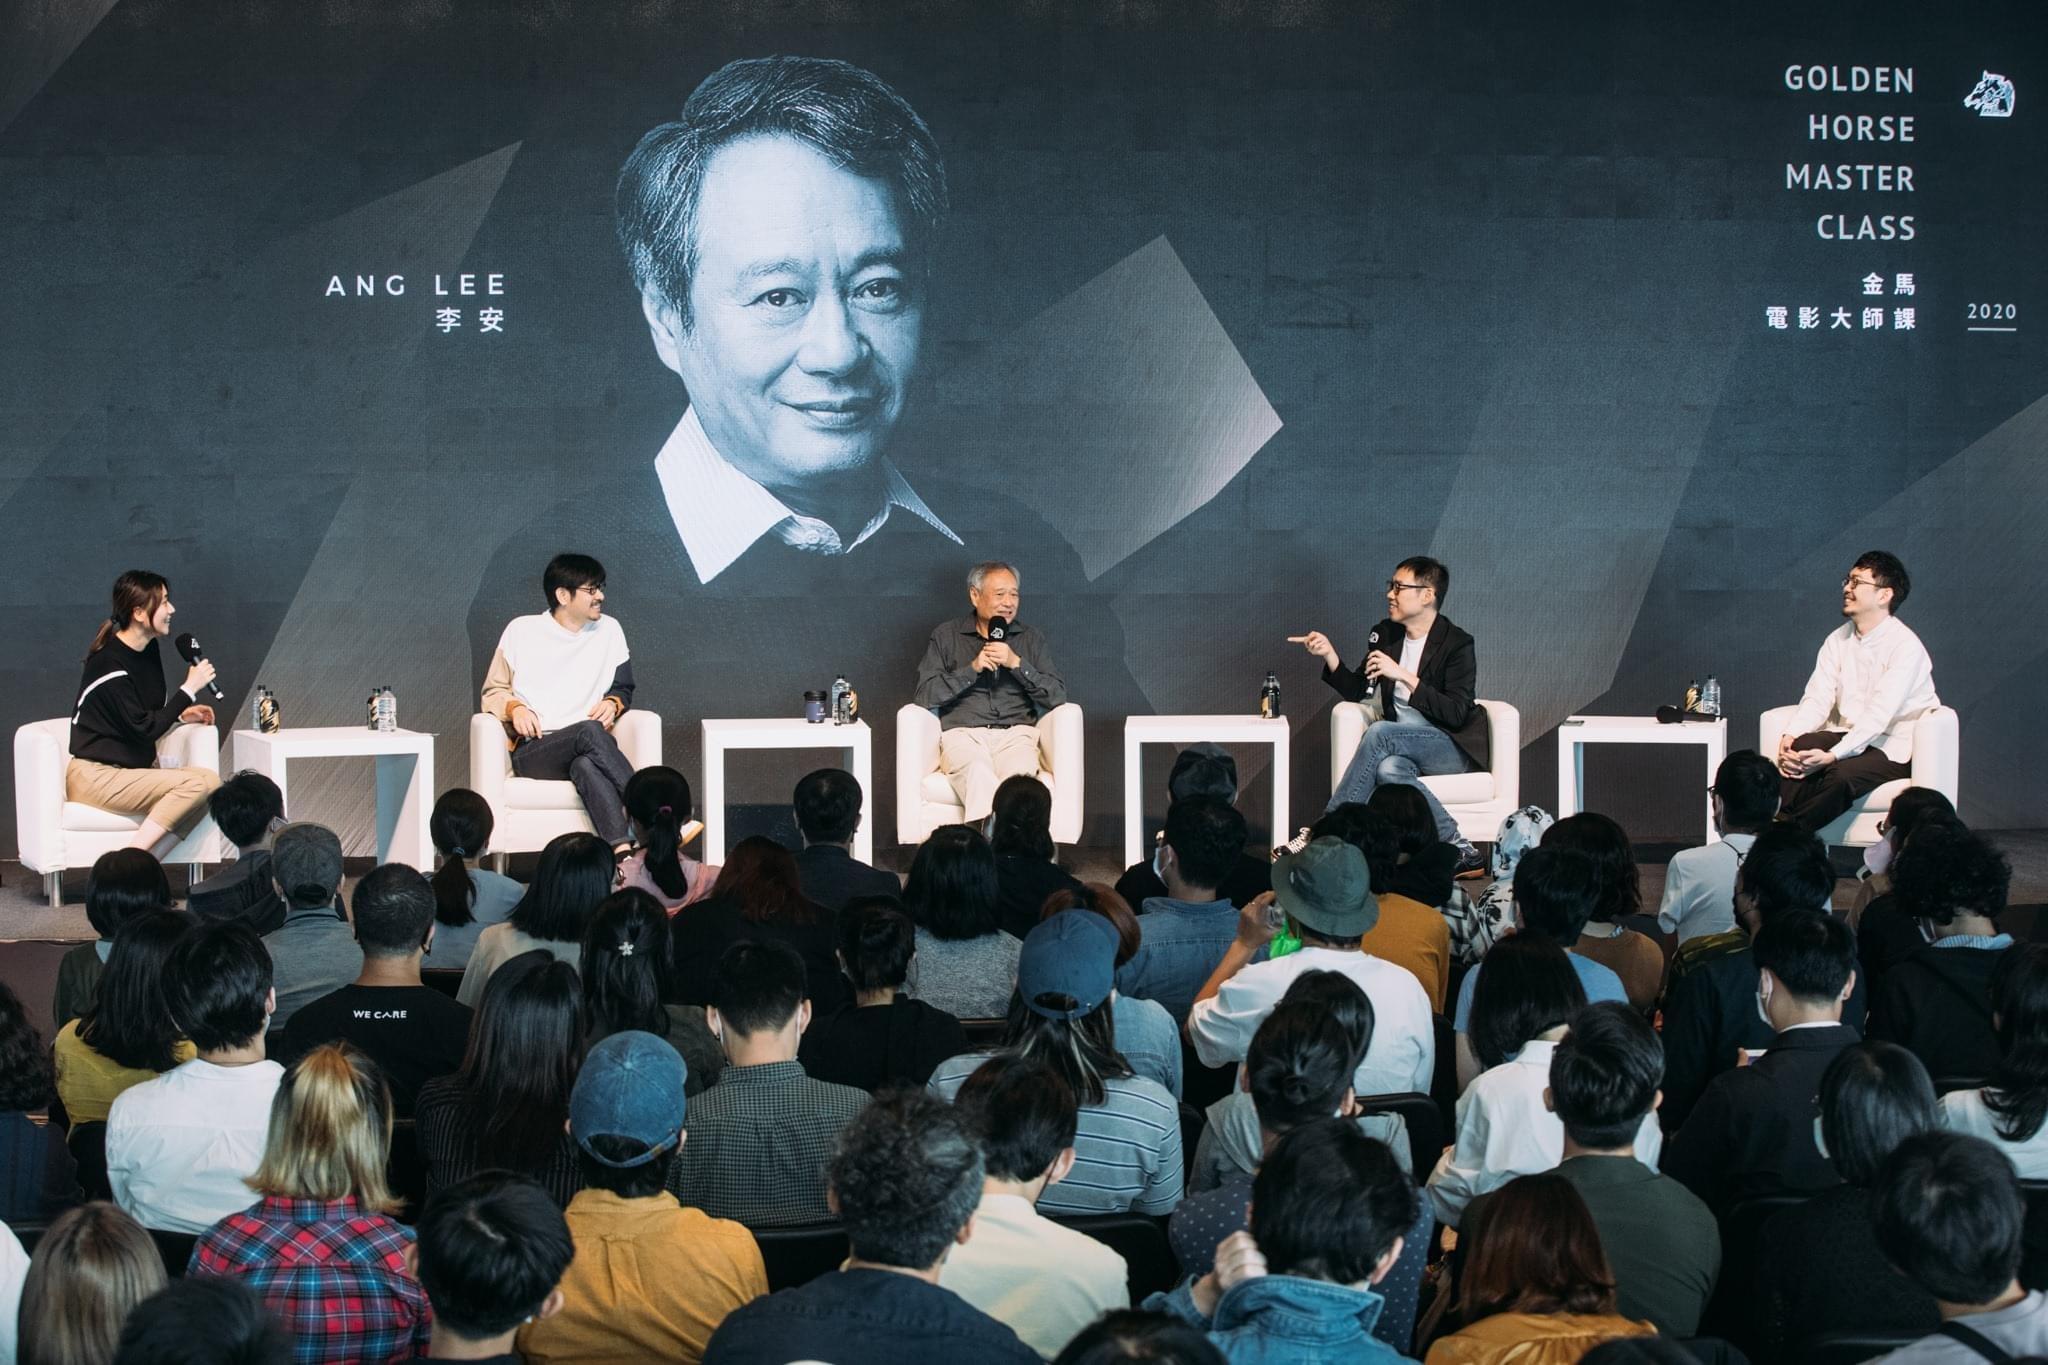 上年十一月,Norris與另外三位導演,在金馬影展的李安大師班與談。